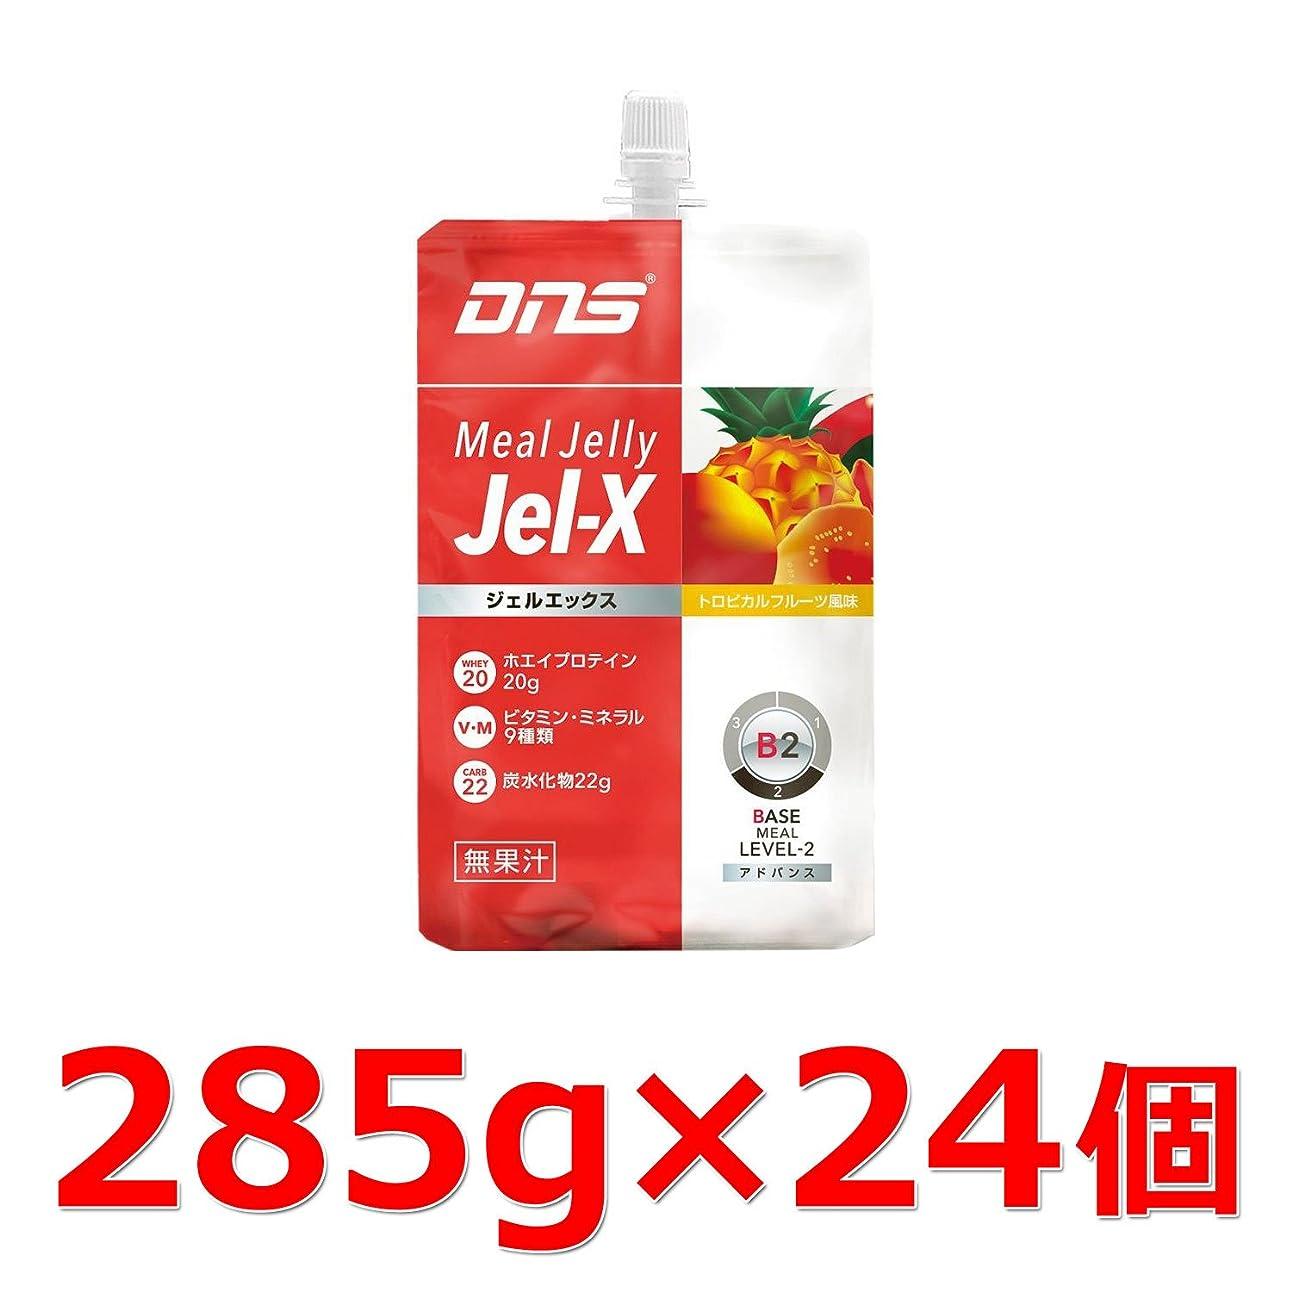 元に戻す言語光景DNS Jel-X ジェルエックス トロピカルフルーツ風味 1箱:285g×24個